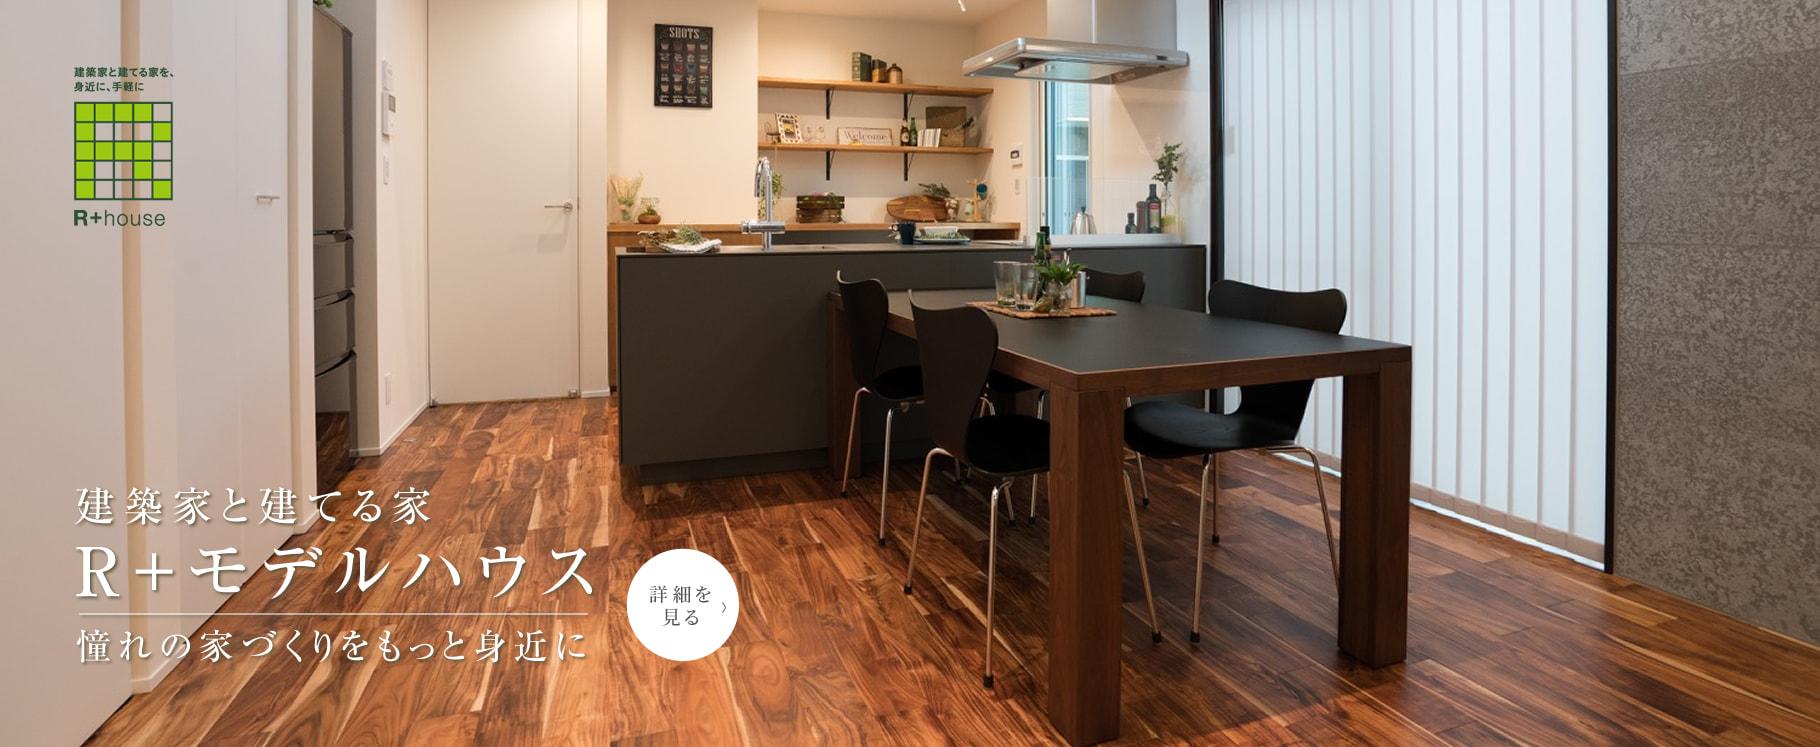 建築家と建てる家 R+モデルハウス